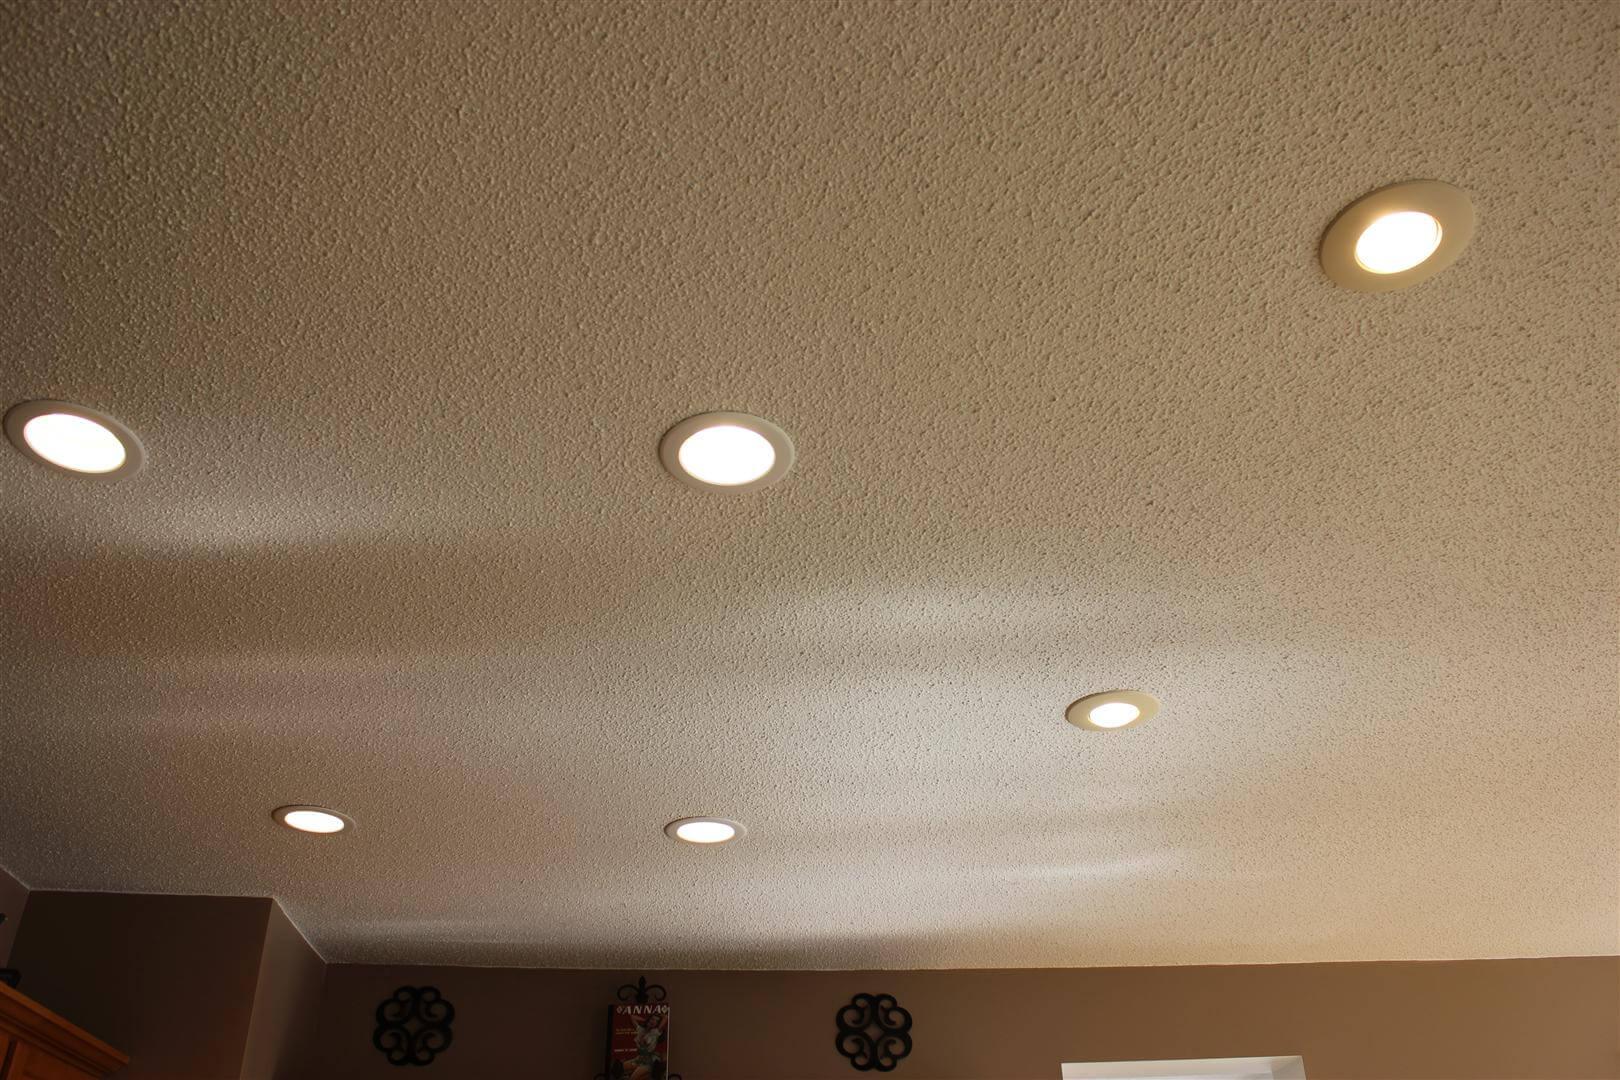 Led Light Bulbs Pros And